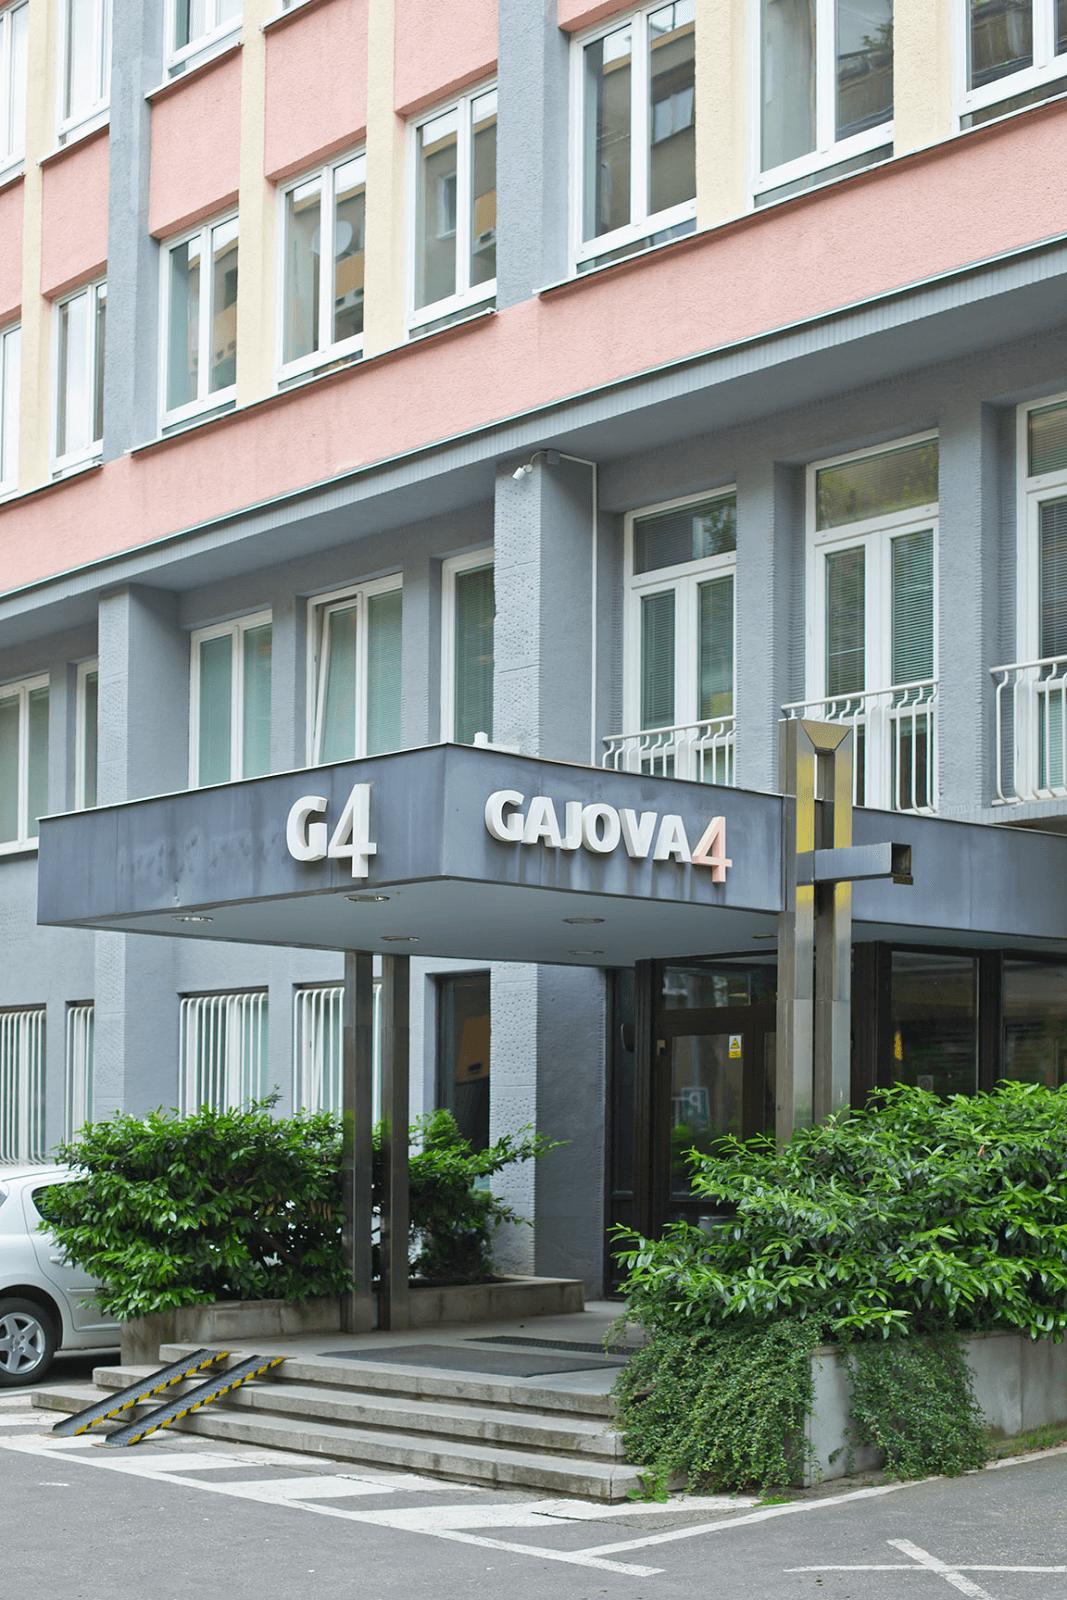 Sídlo Pizza SEO v rokoch 2006-2016 - kancelárska budova na Gajovej 4